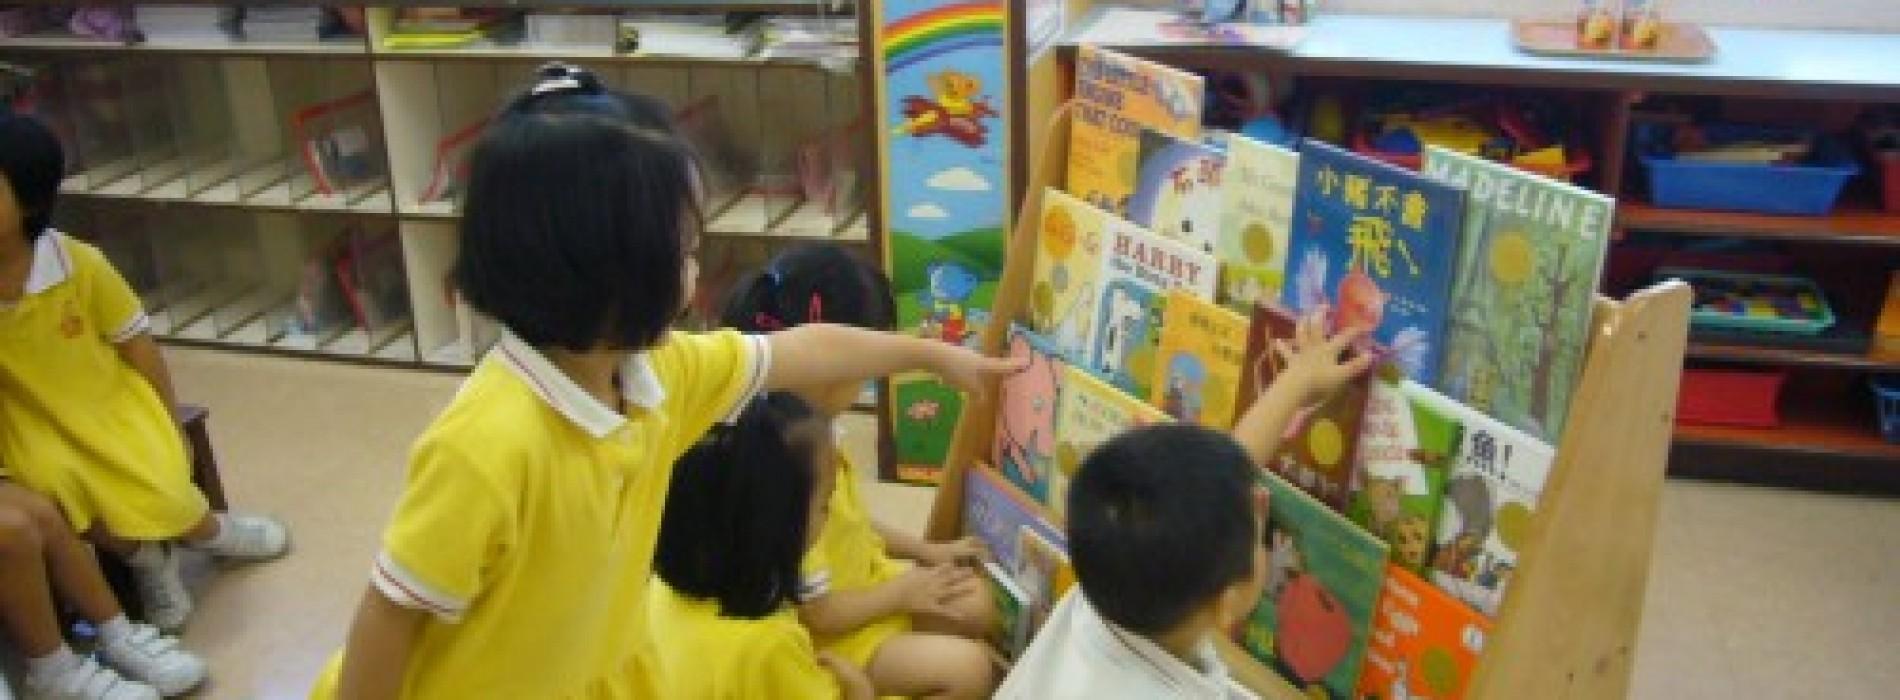 閲讀習慣,影響小朋友「升小面試」